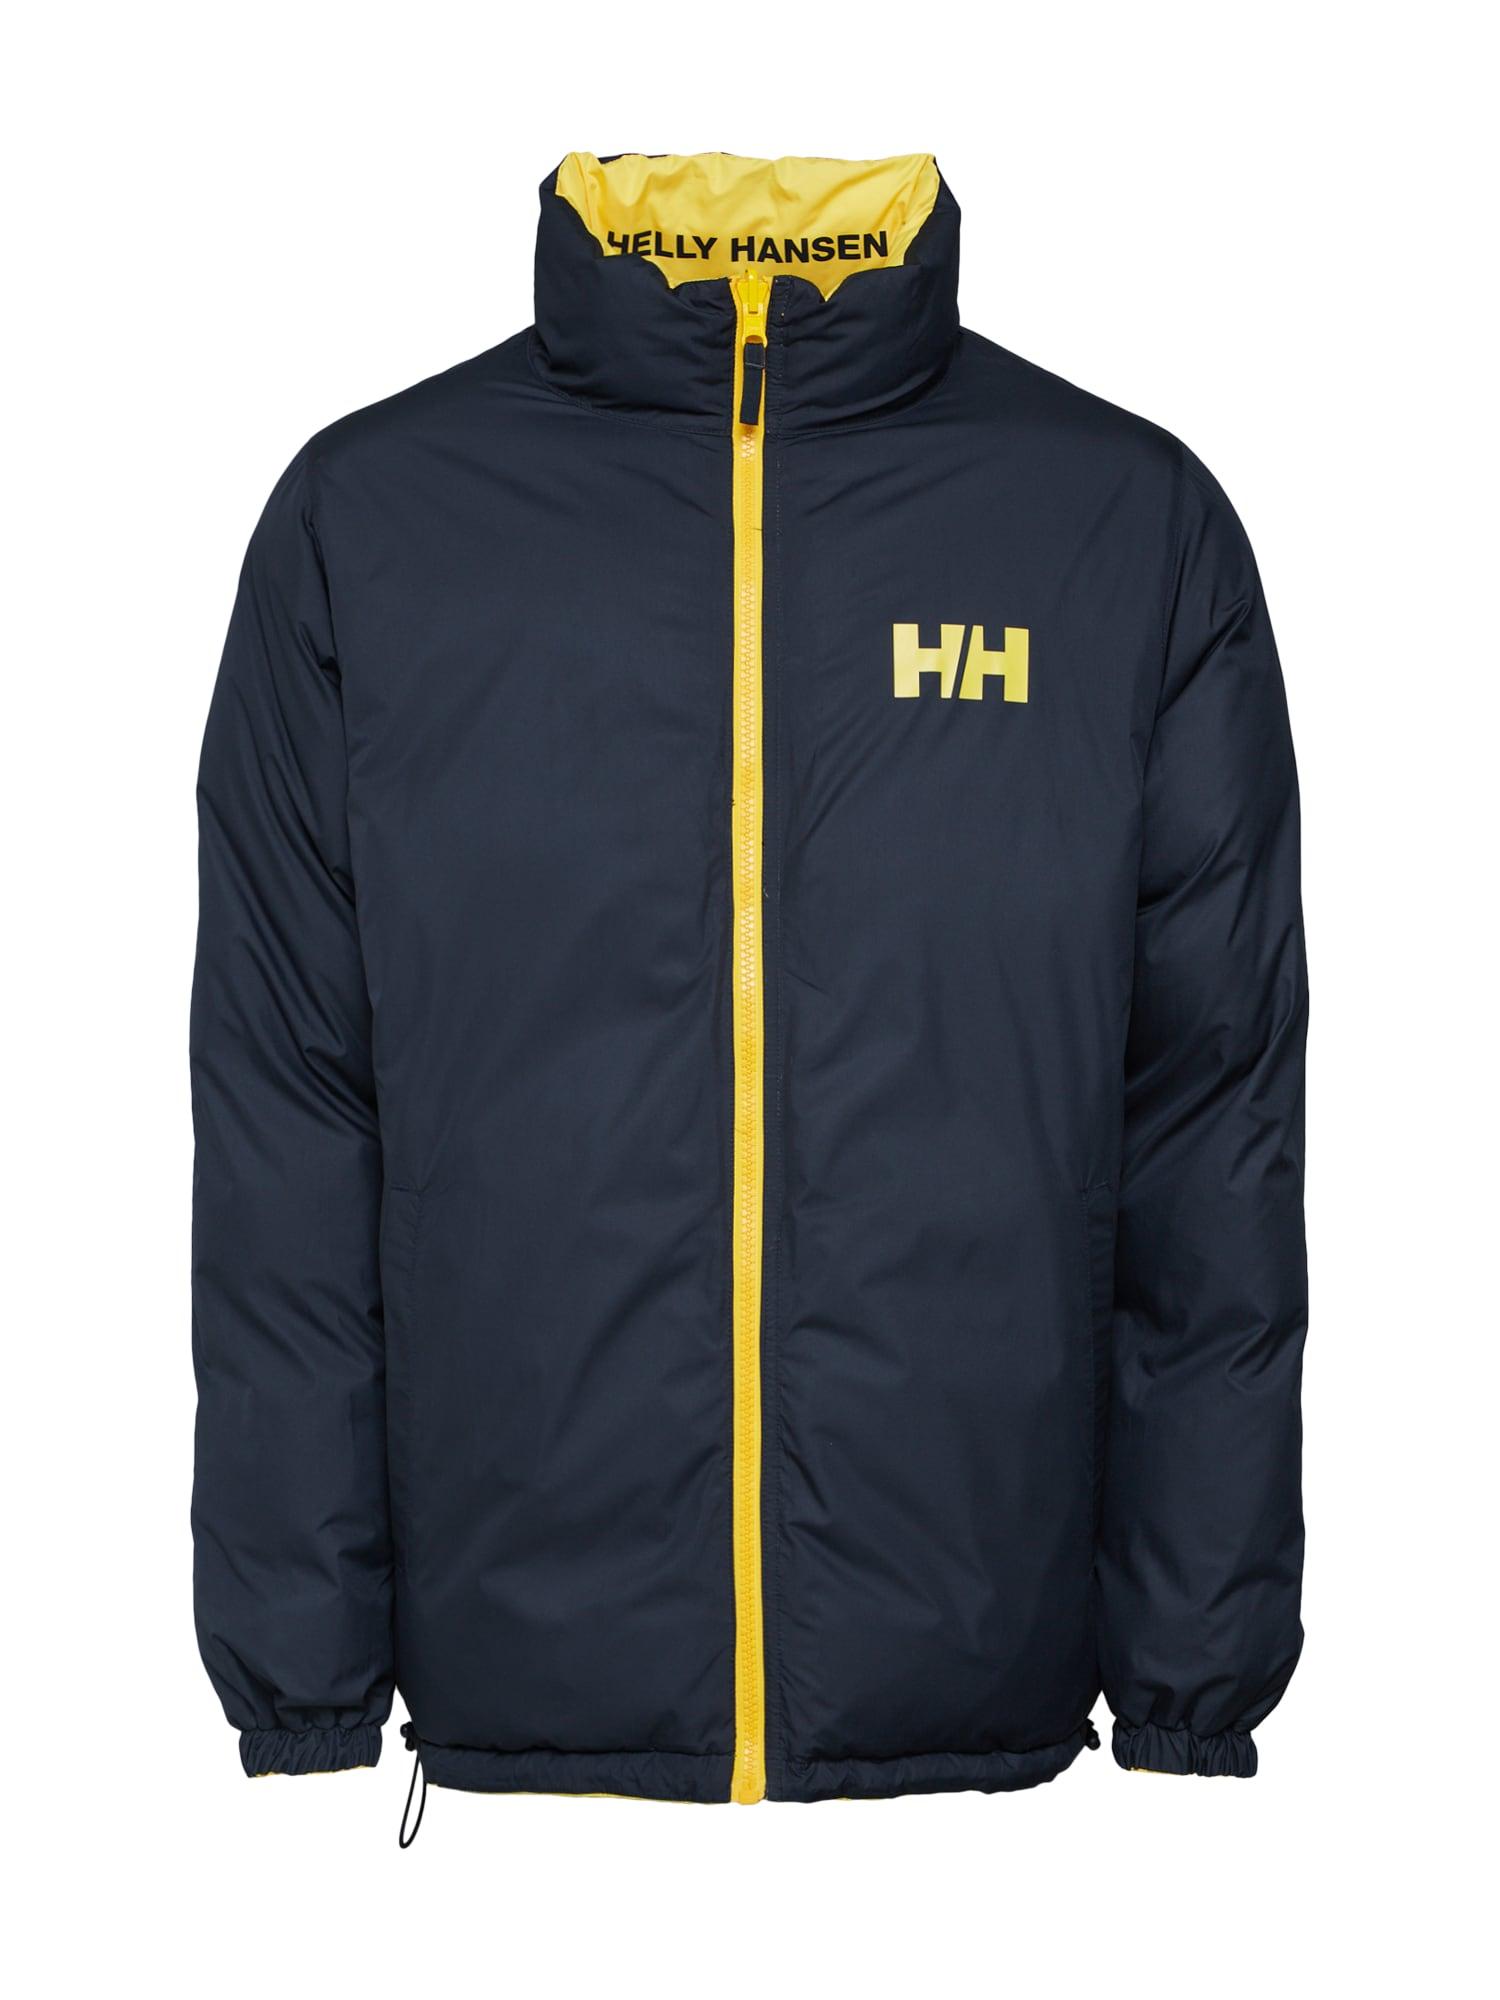 Zimní bunda HH URBAN REVERSIBLE JACKET tmavě modrá žlutá HELLY HANSEN